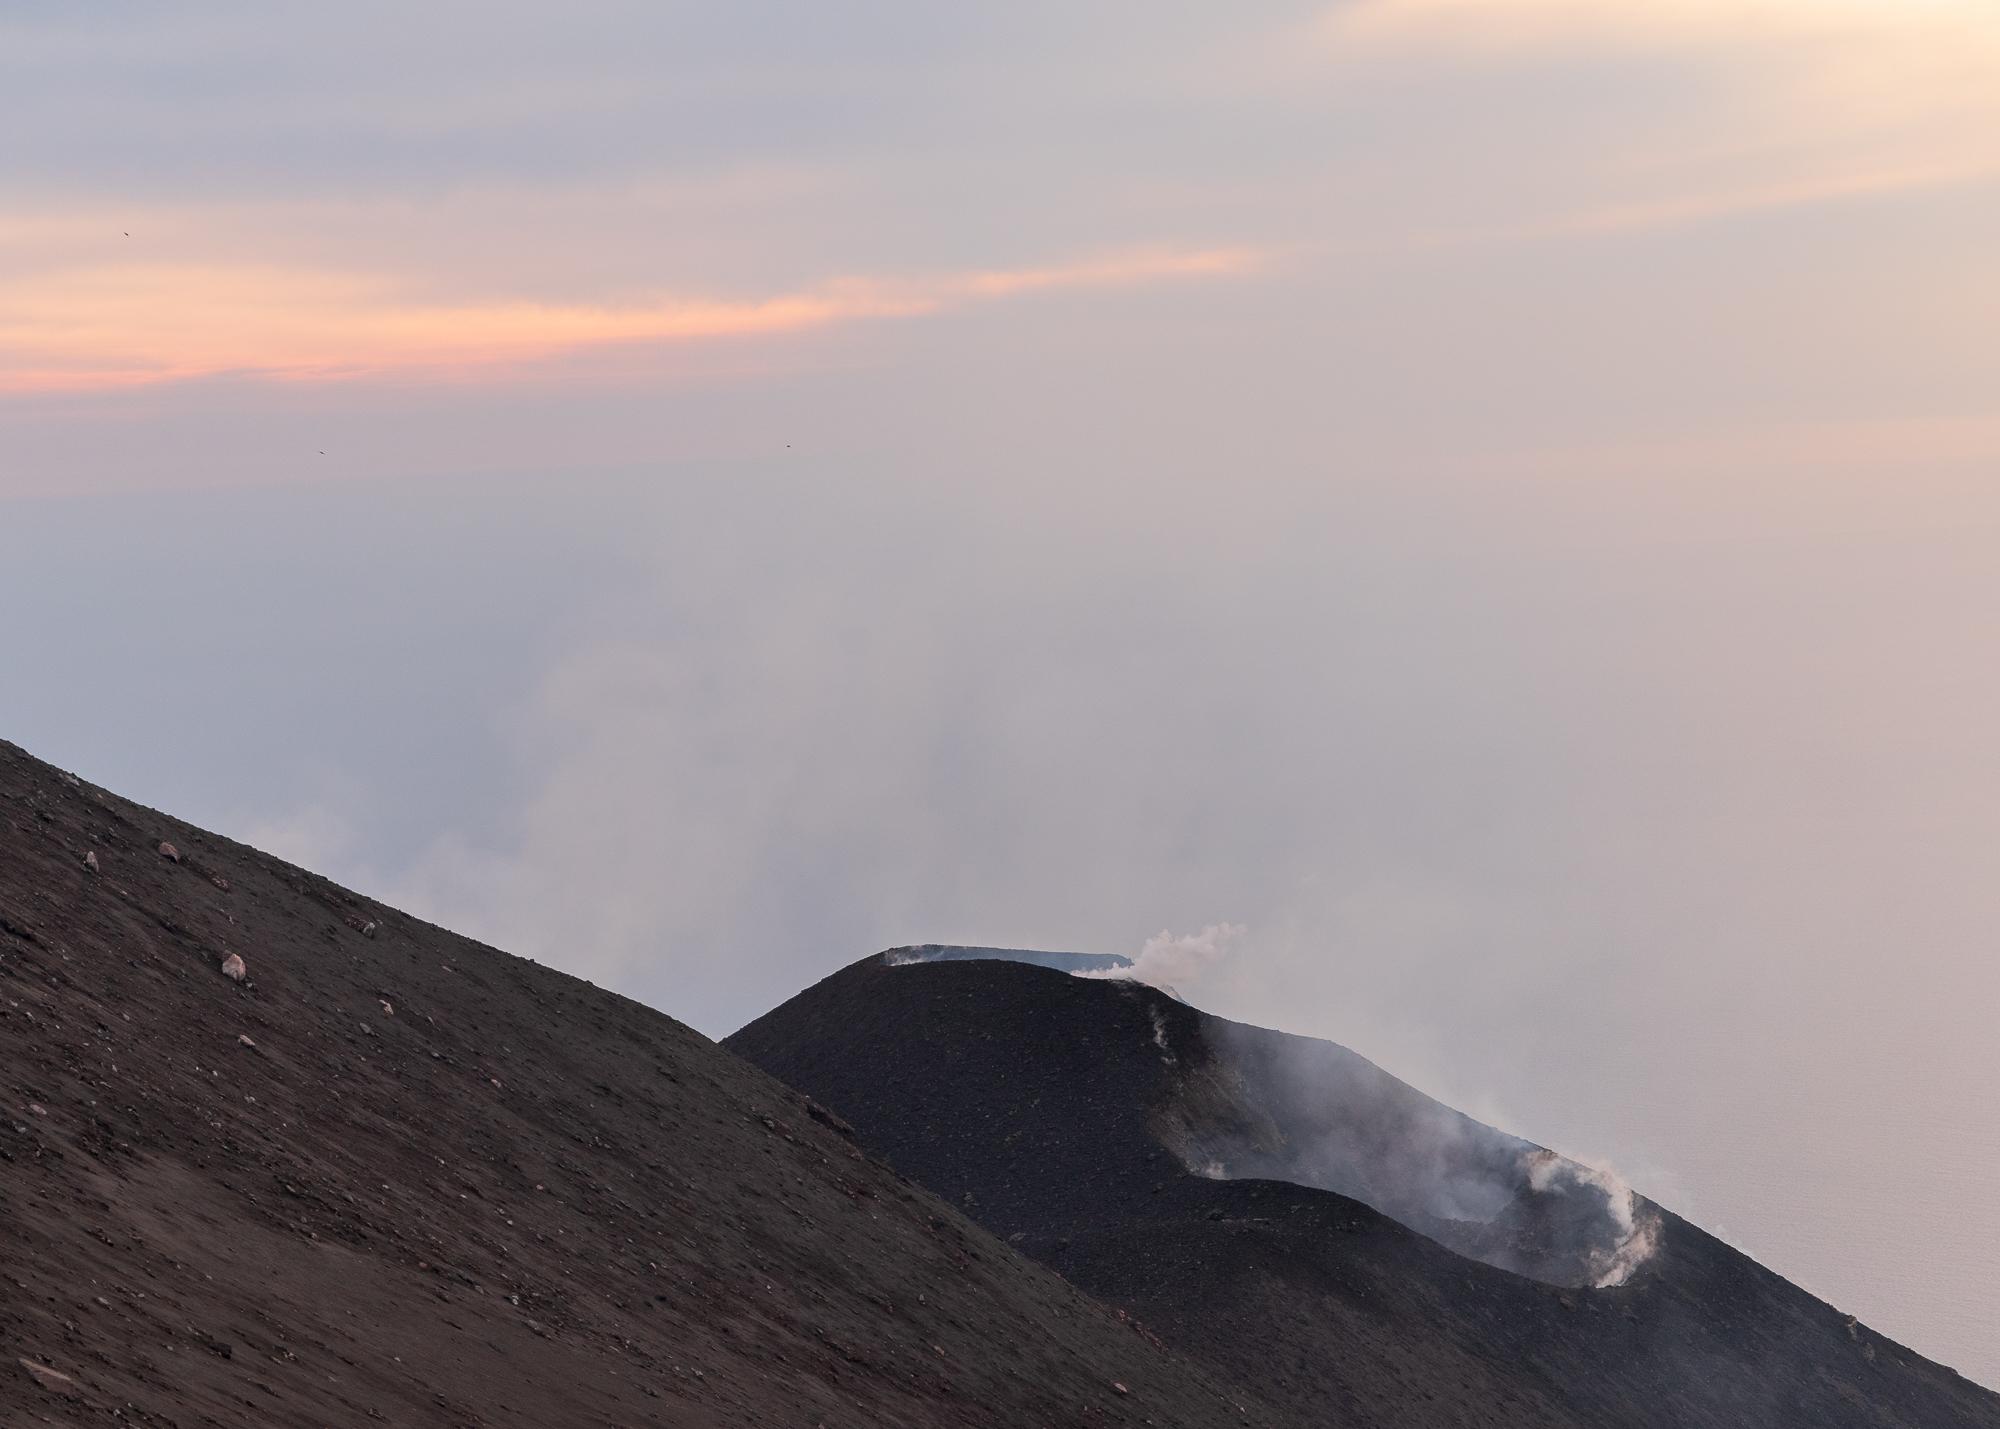 Je eerste blik op de krater